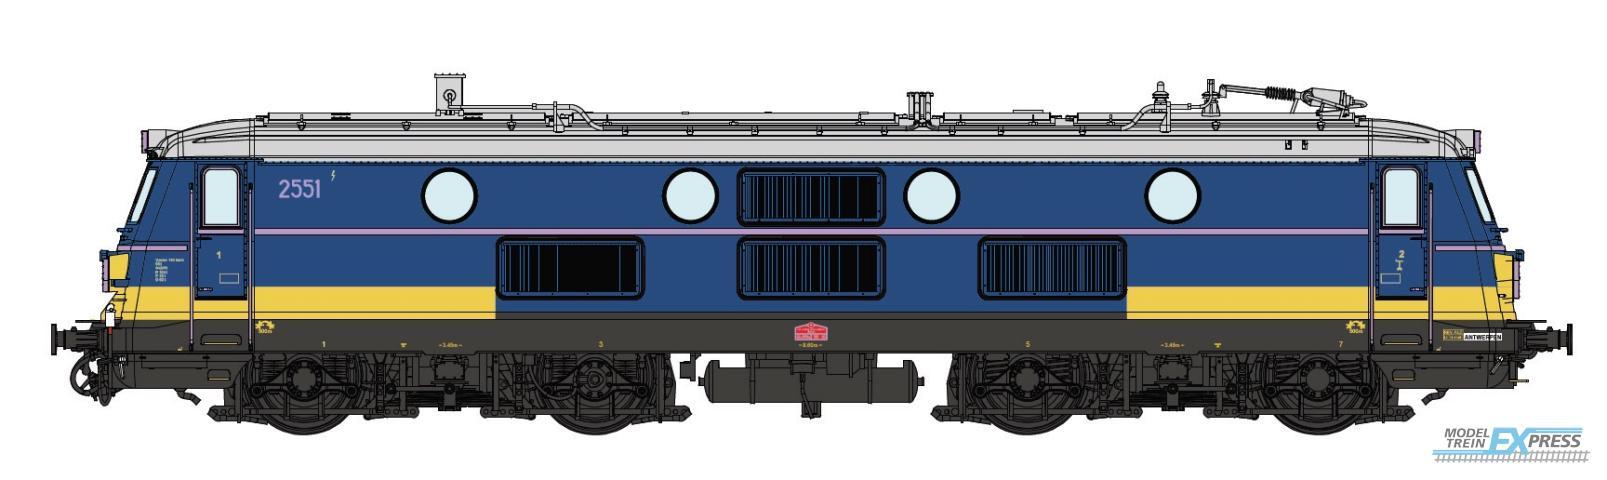 B-Models 3106.04